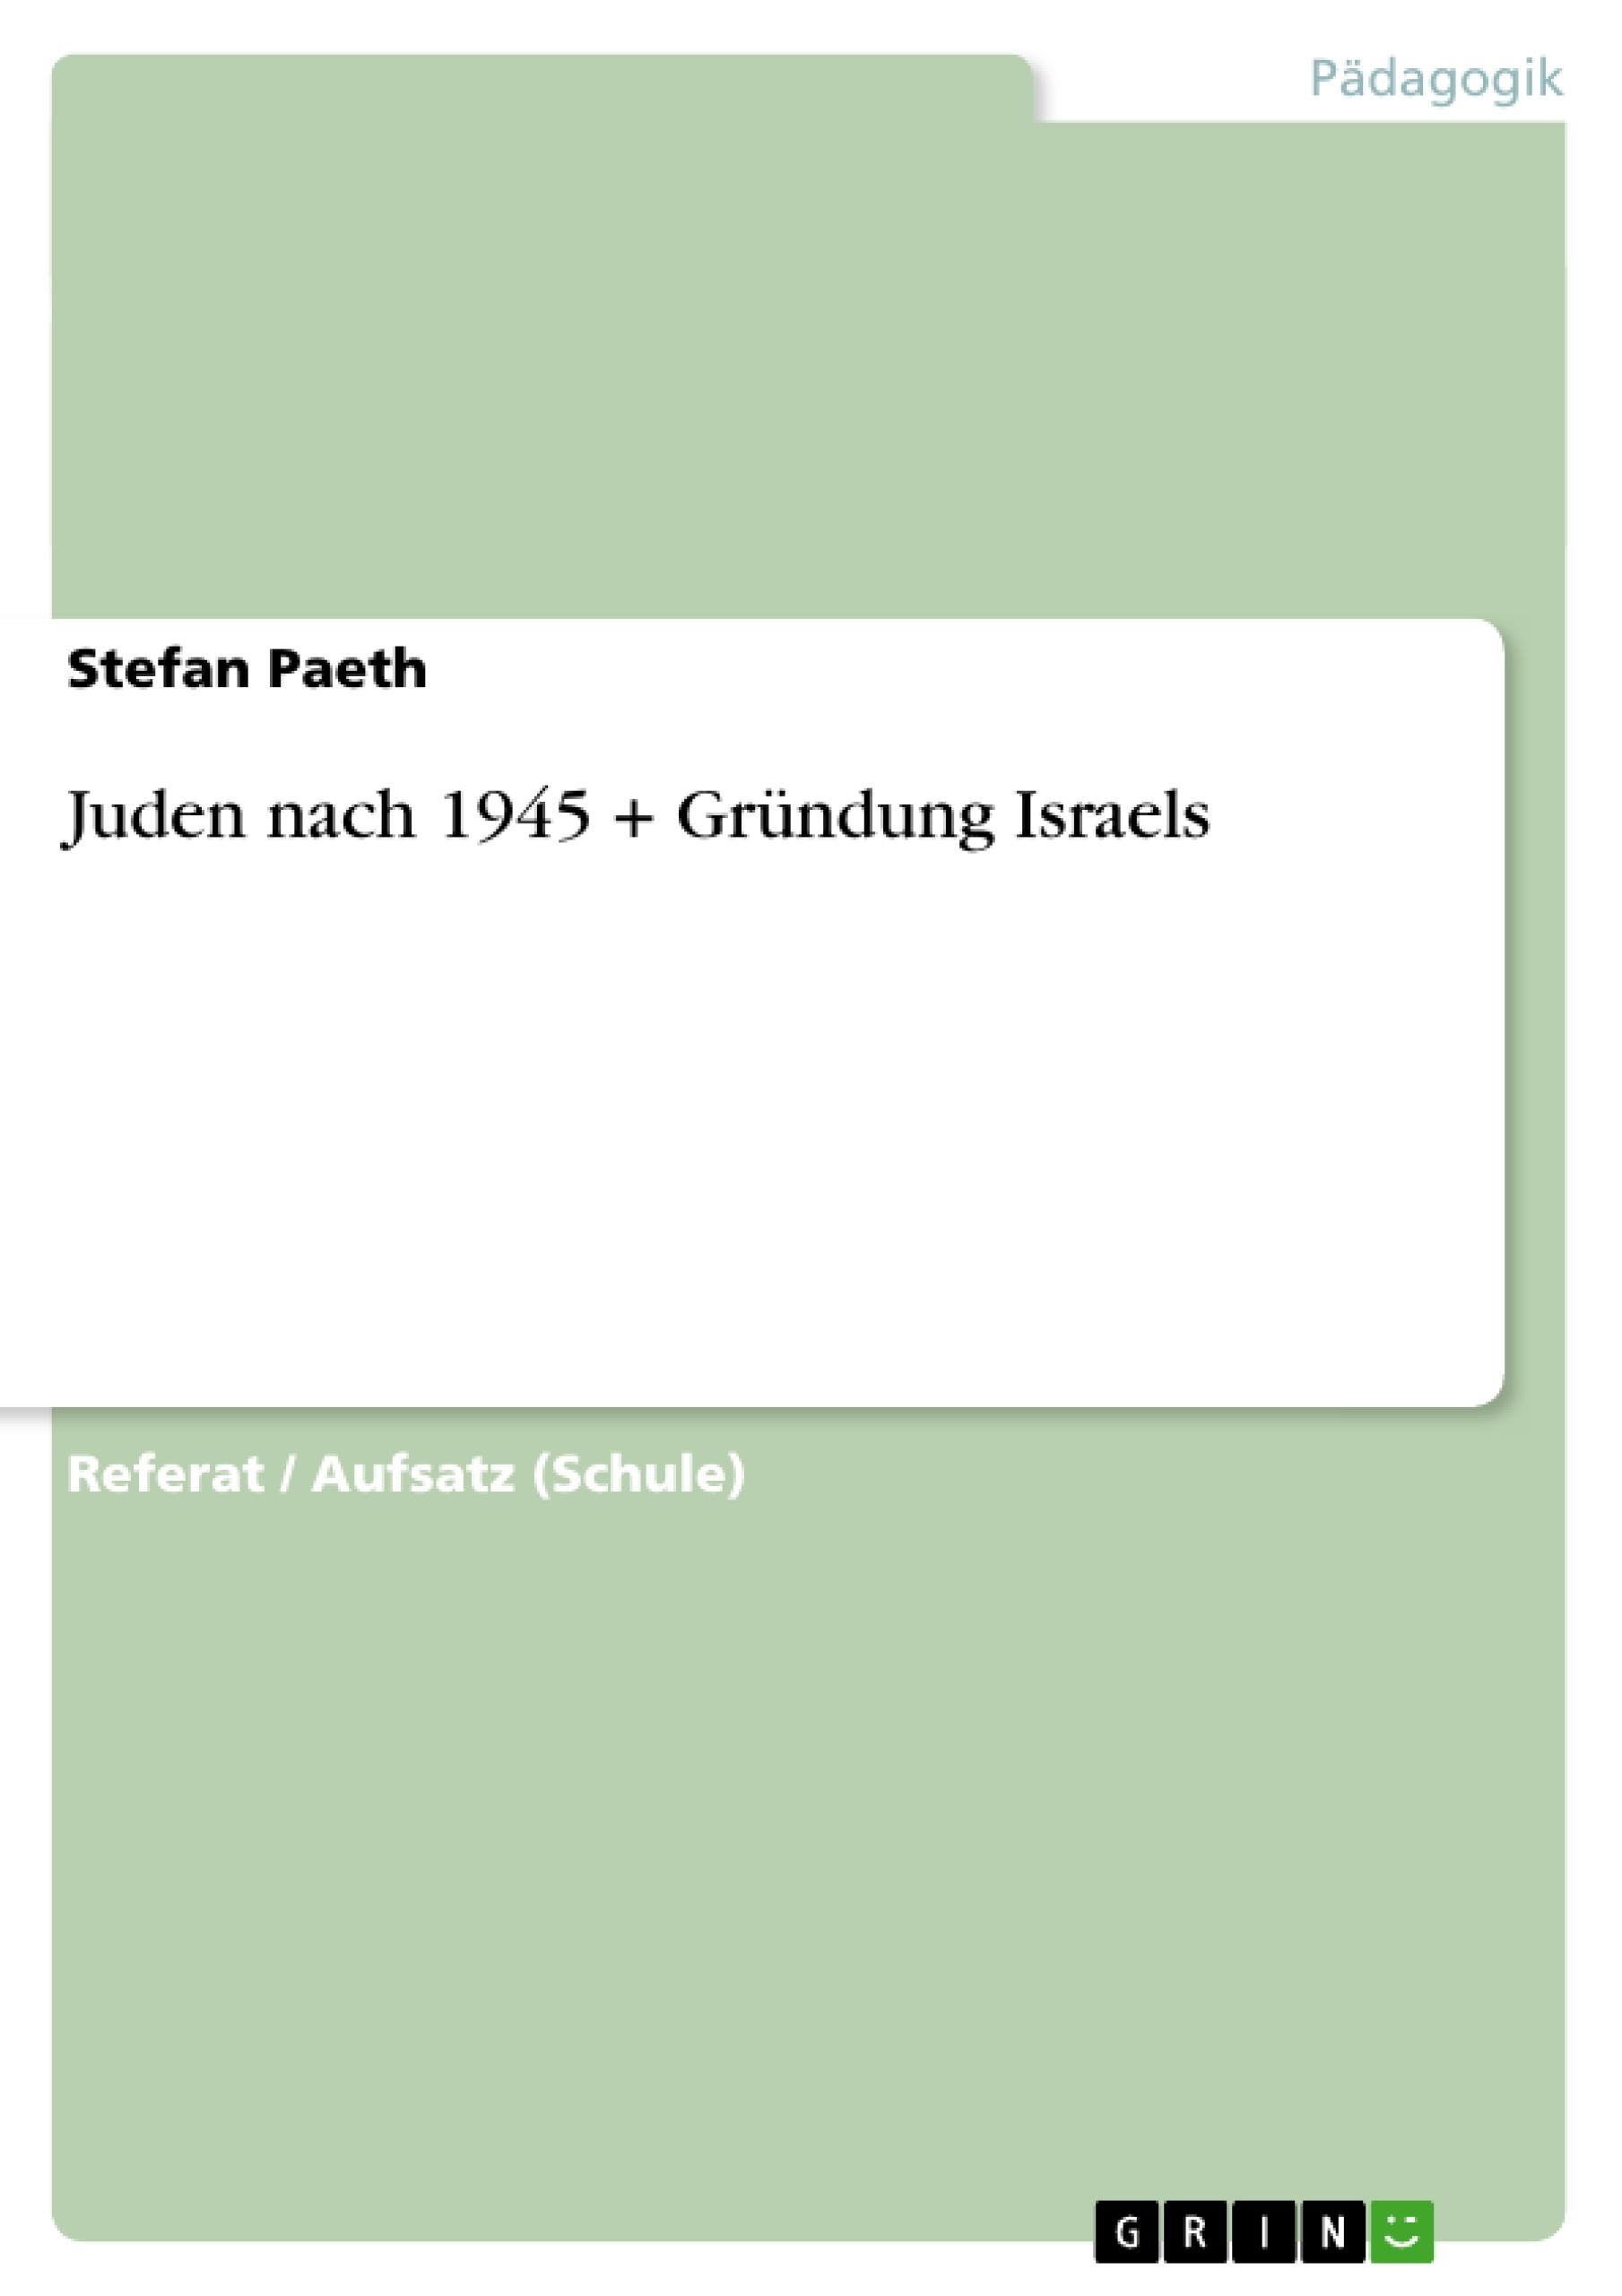 Titel: Juden nach 1945 + Gründung Israels